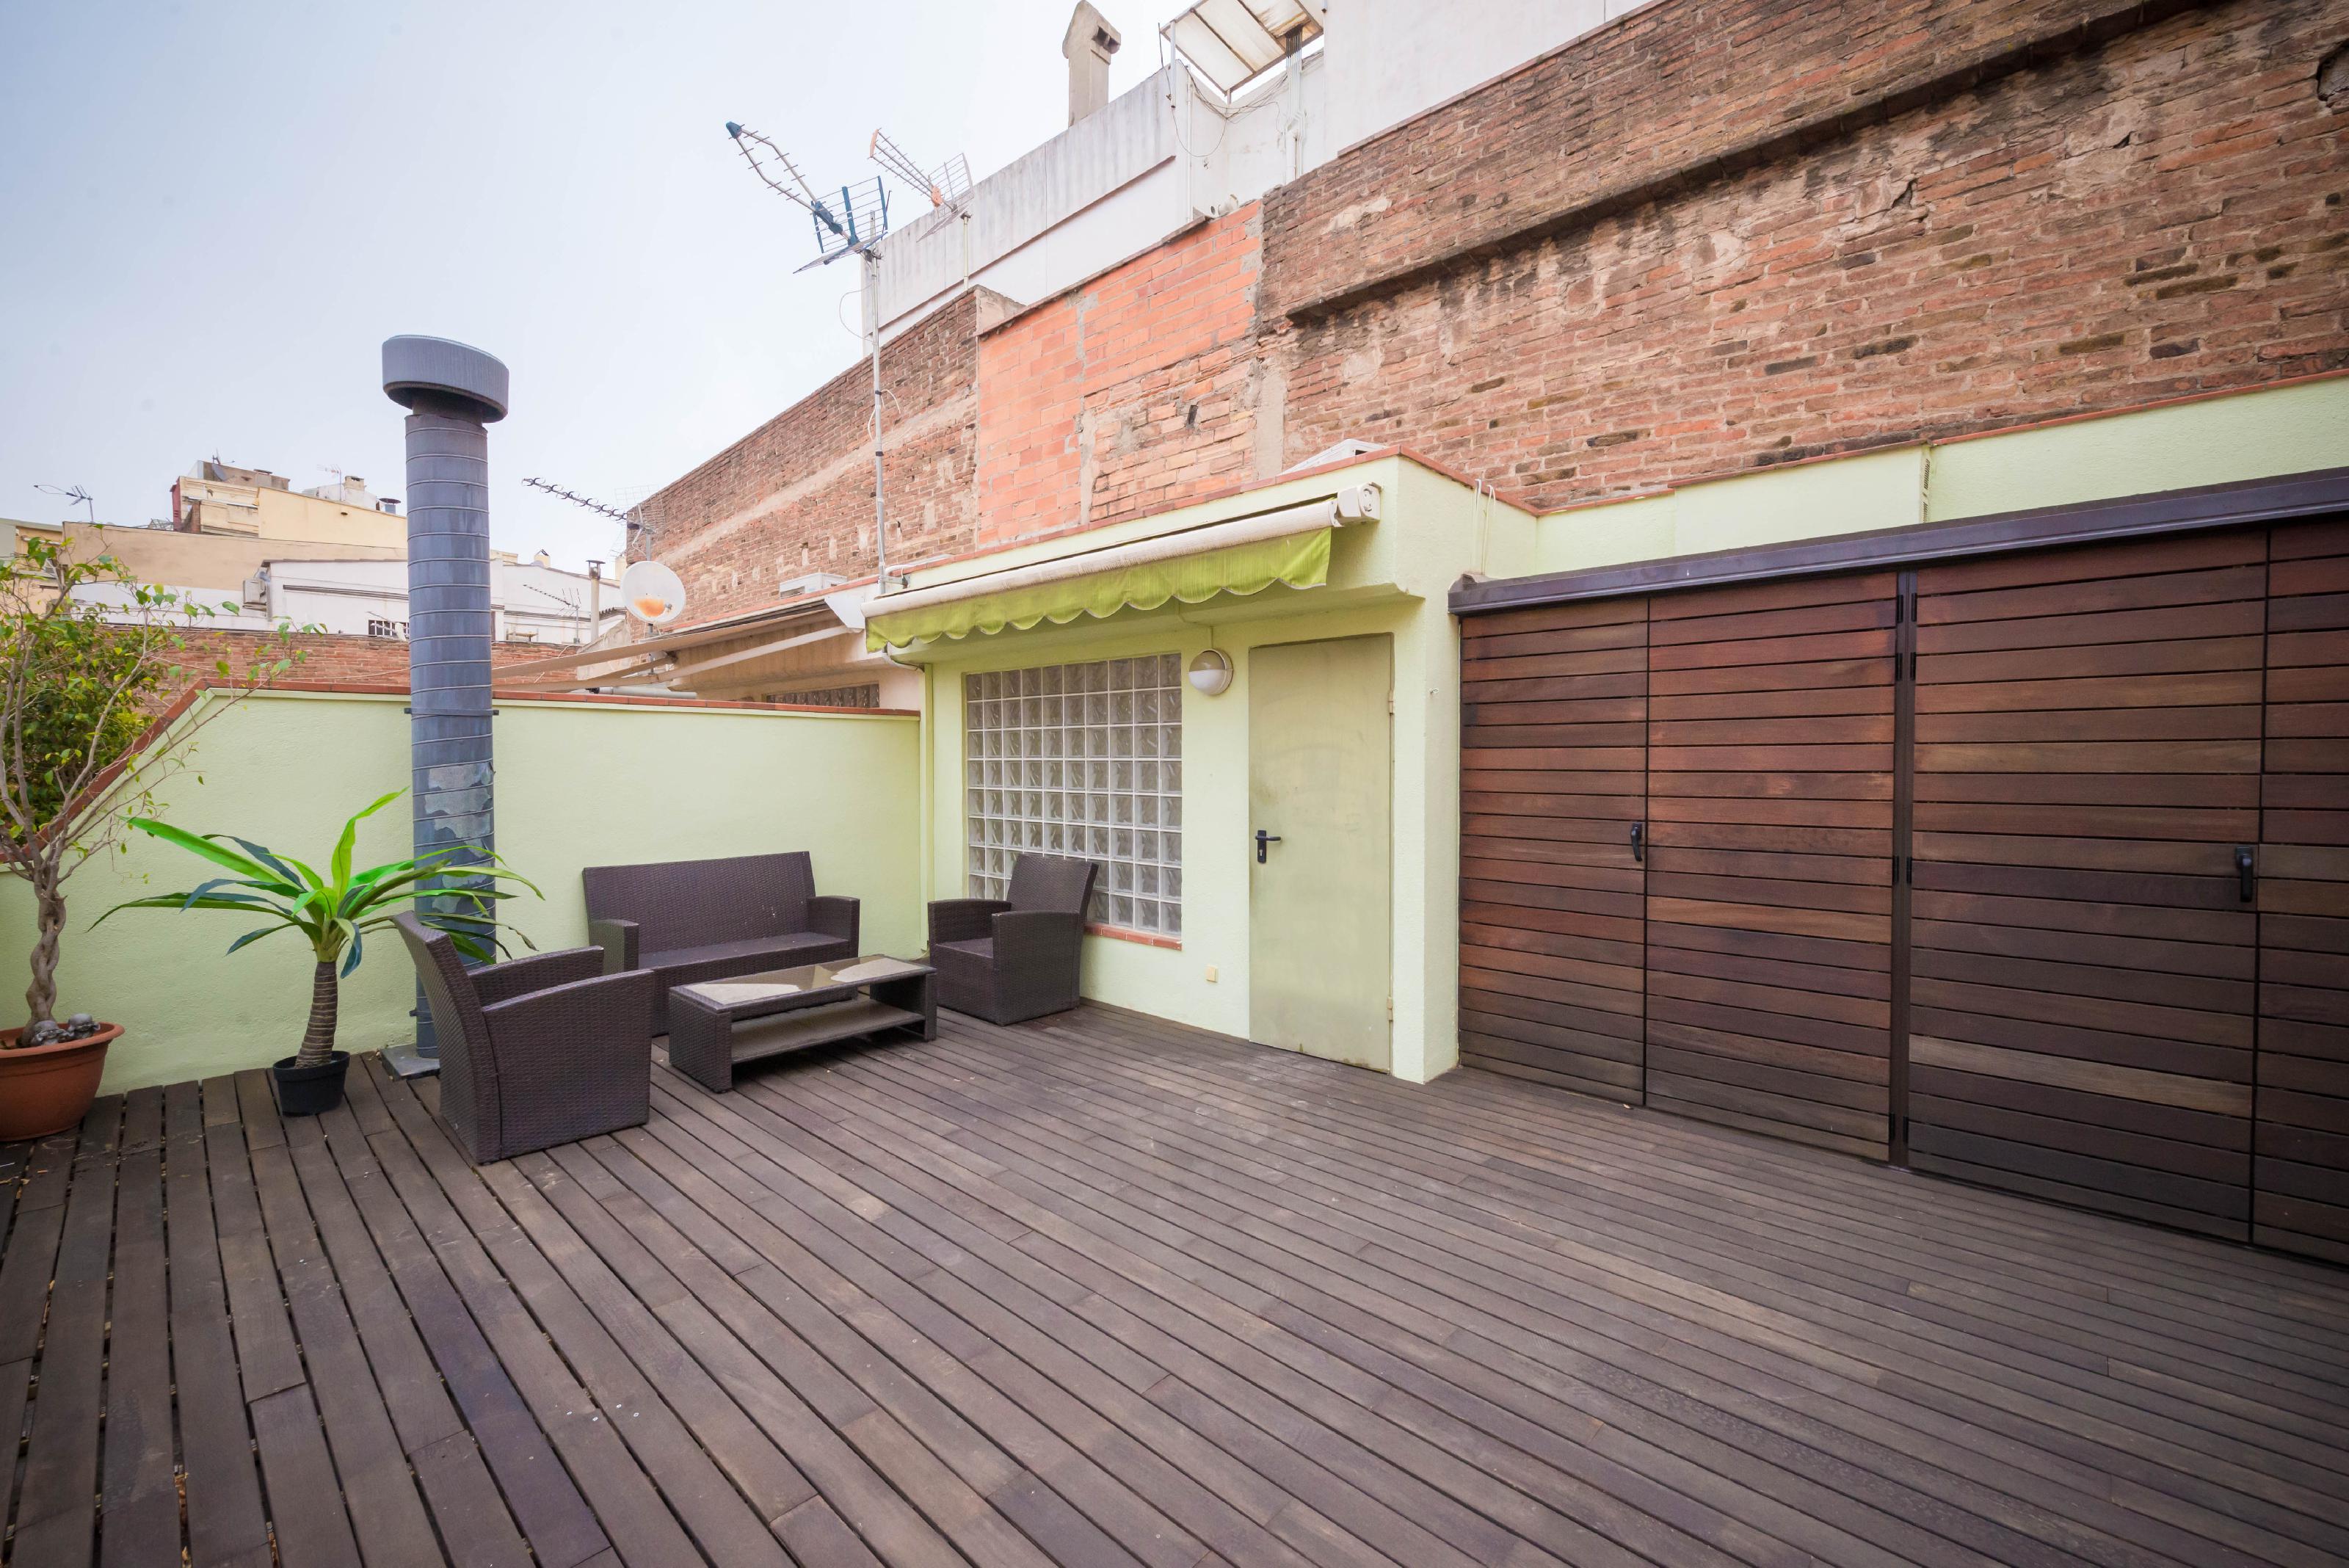 249634 House for sale in Gràcia, Vila de Gràcia 1